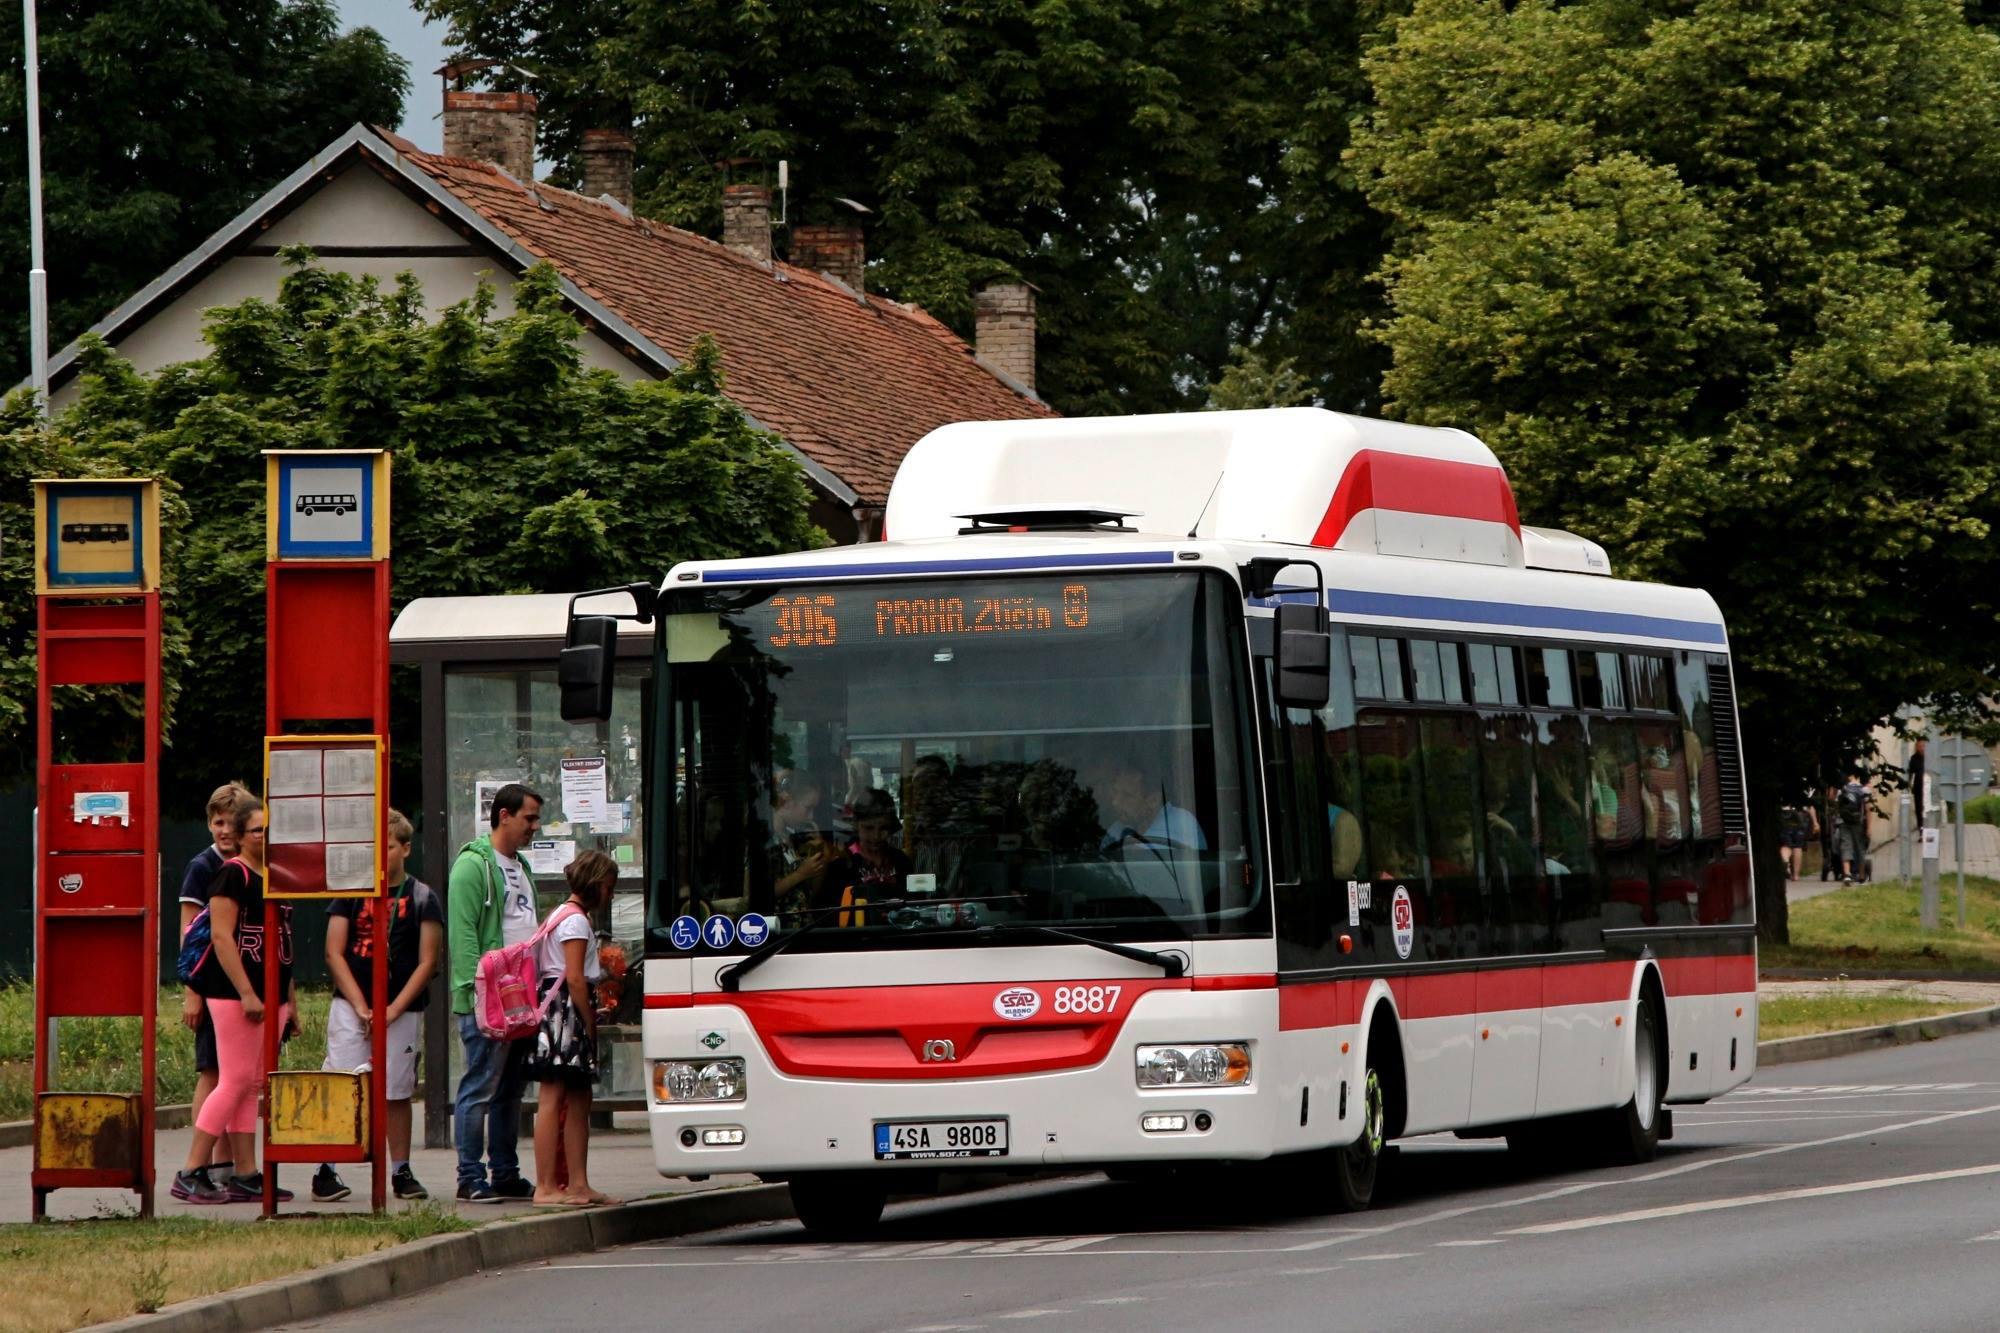 Nové autobusy jsou již nasazovány i na linky spojující Kladno s Prahou. (foto: Roman Vanka)